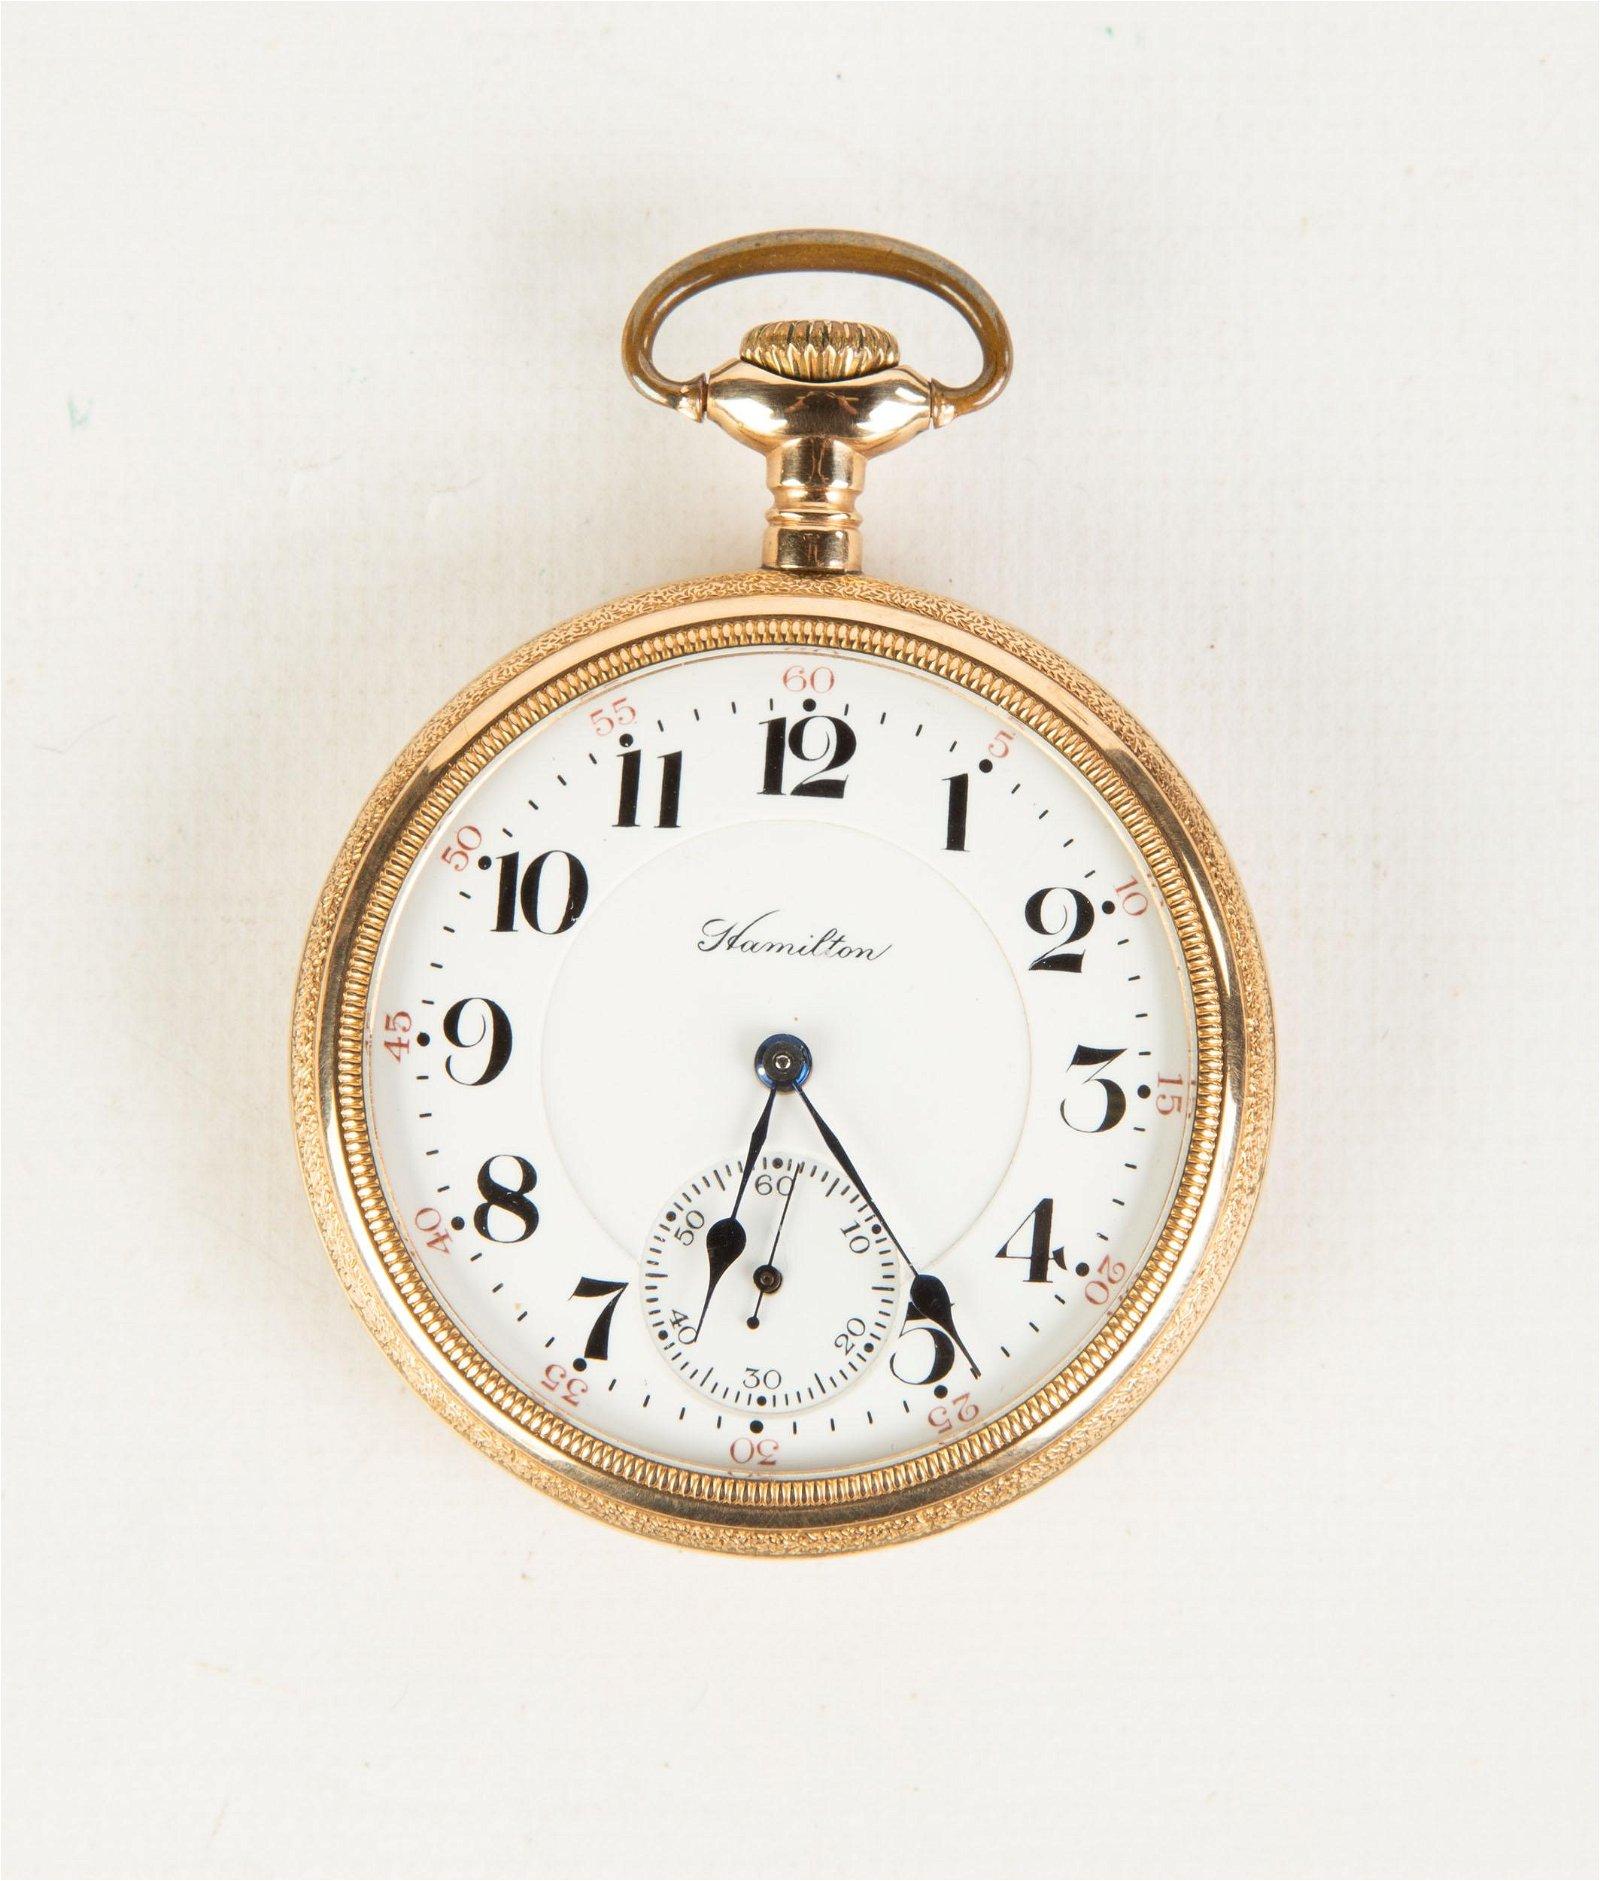 Hamilton 21 Jewel Pocket Watch